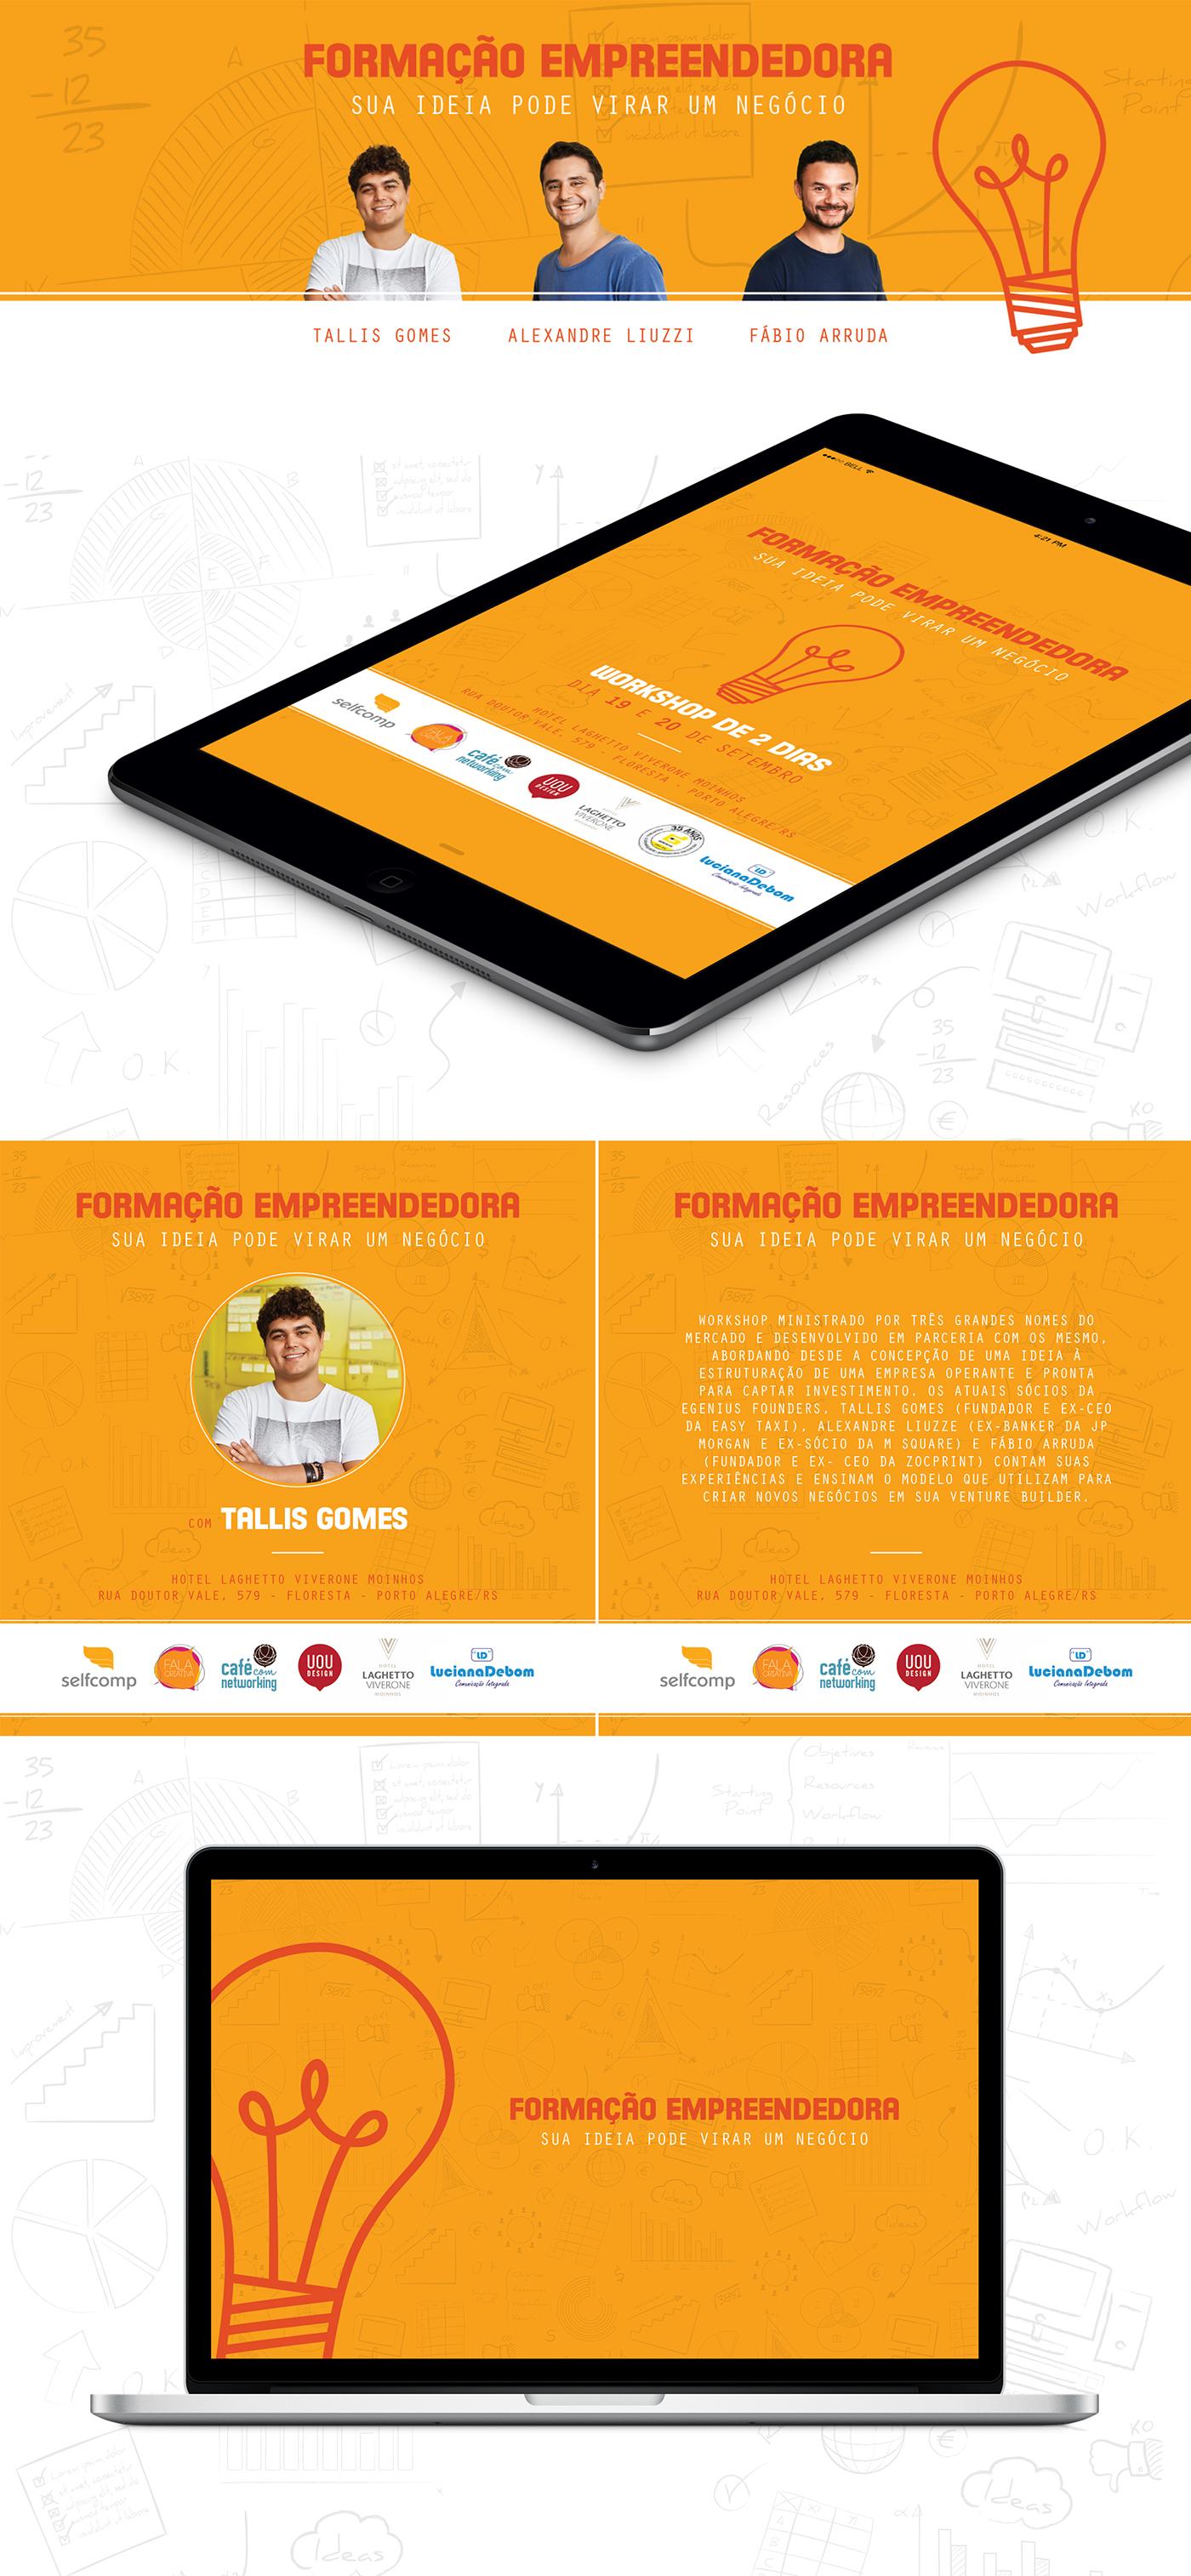 Workshop empresa ideias investimento Capacitação business logo orange